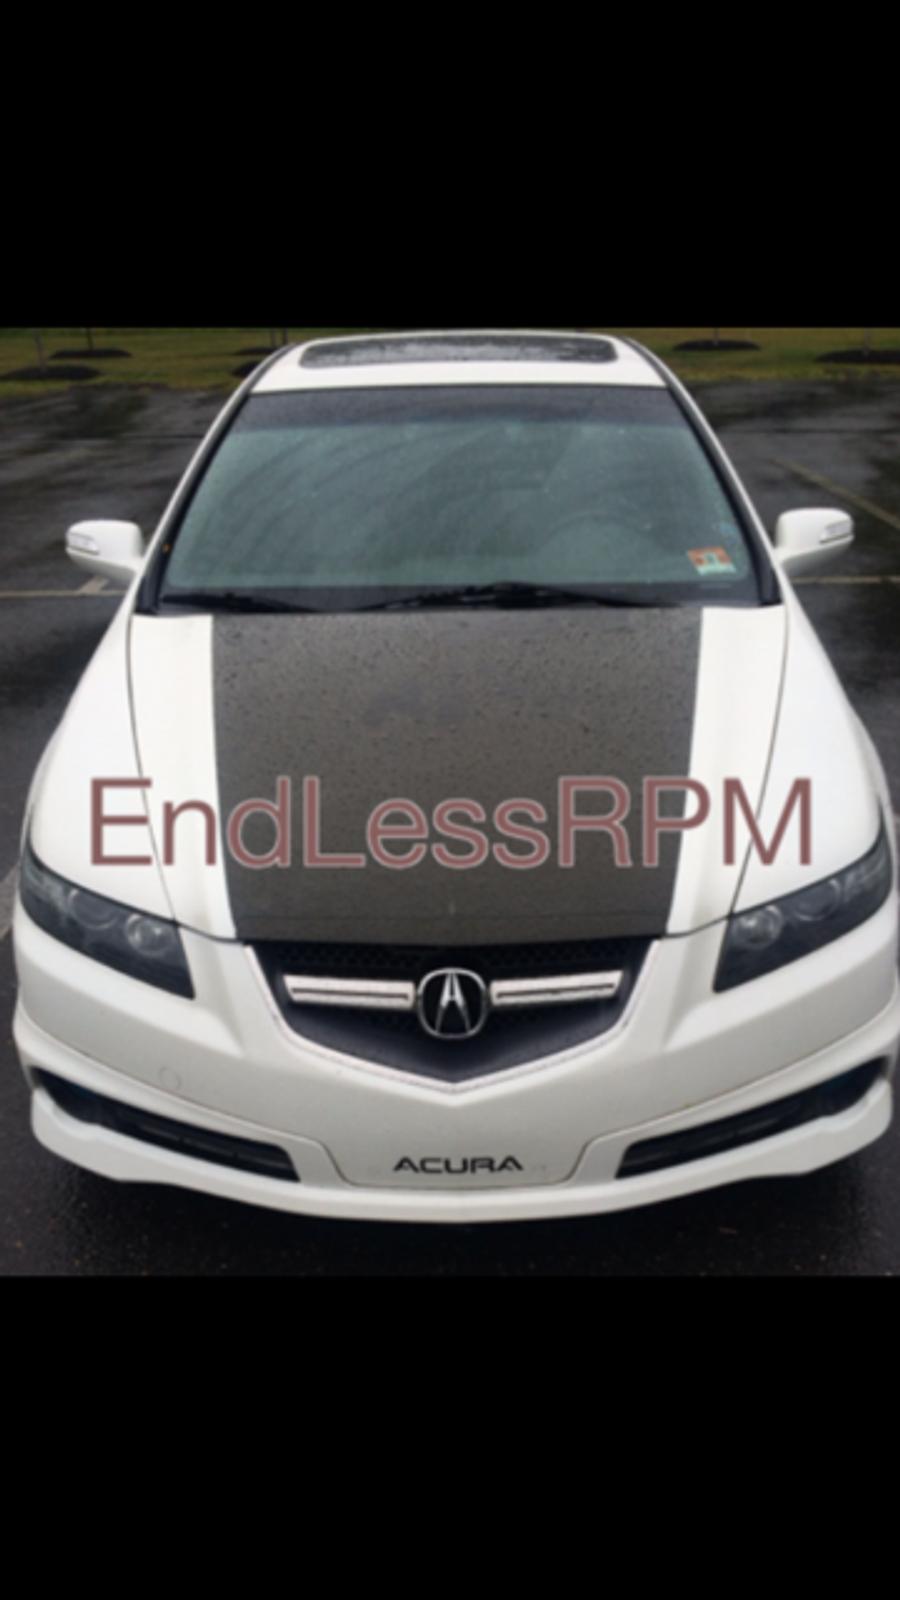 Acura TL Front Bumper Decal - 2005 acura tl front bumper